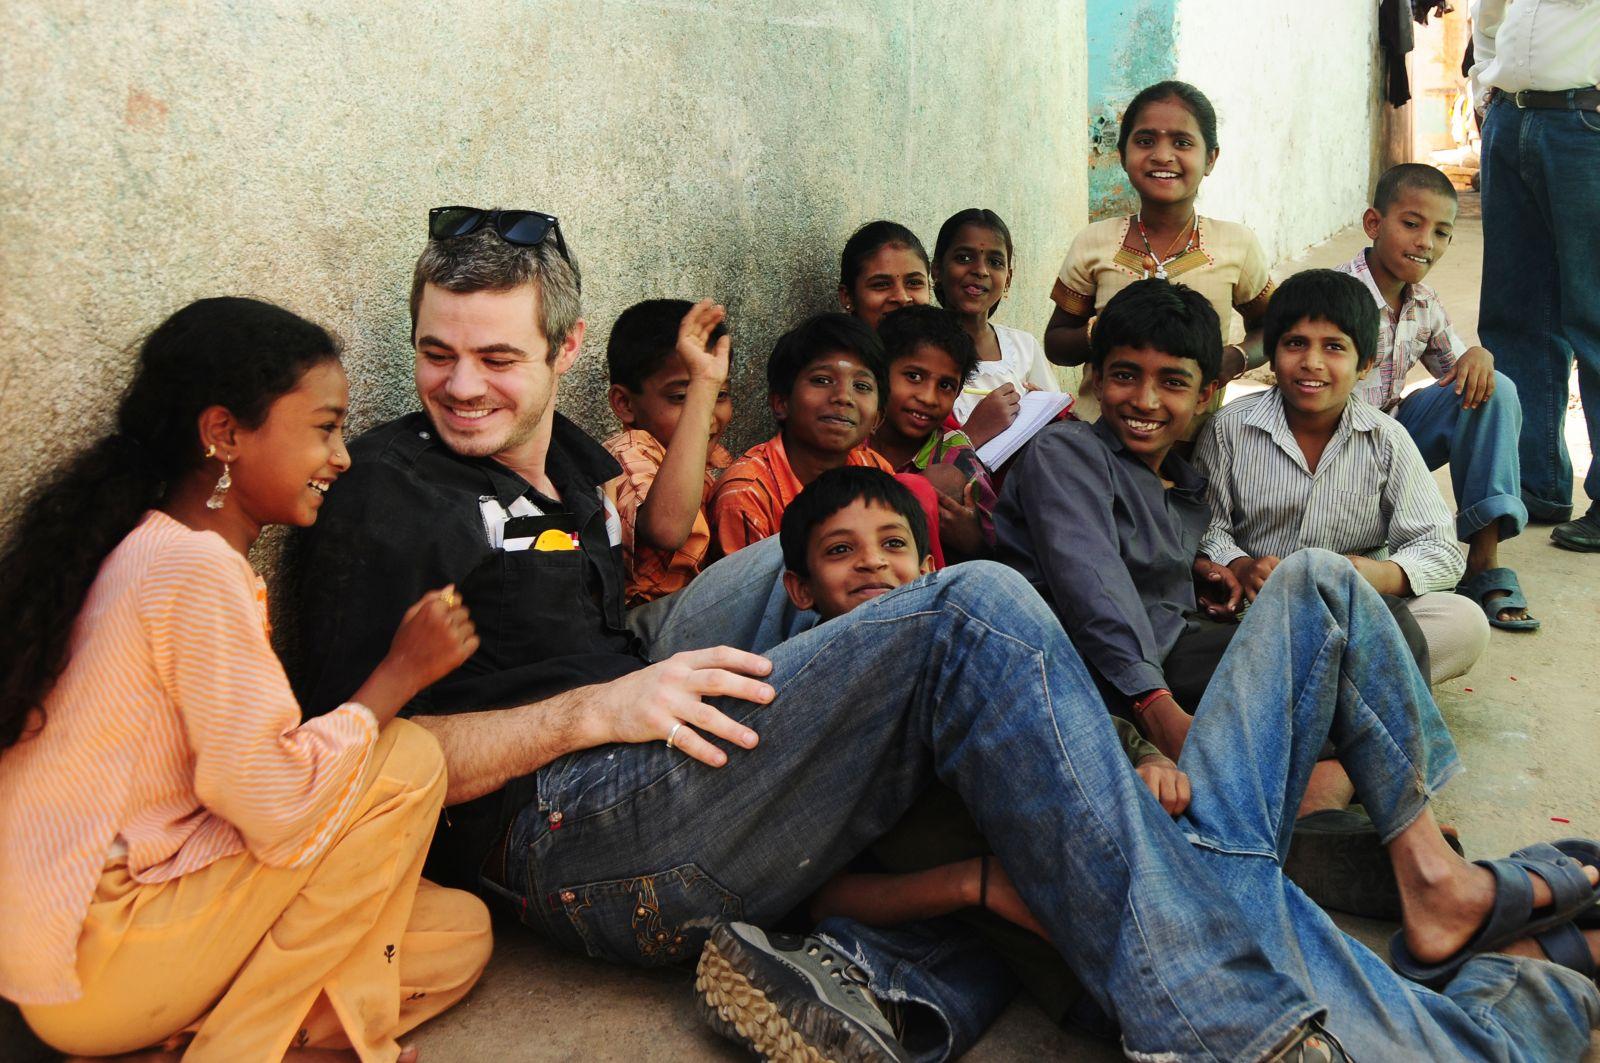 Scott in India